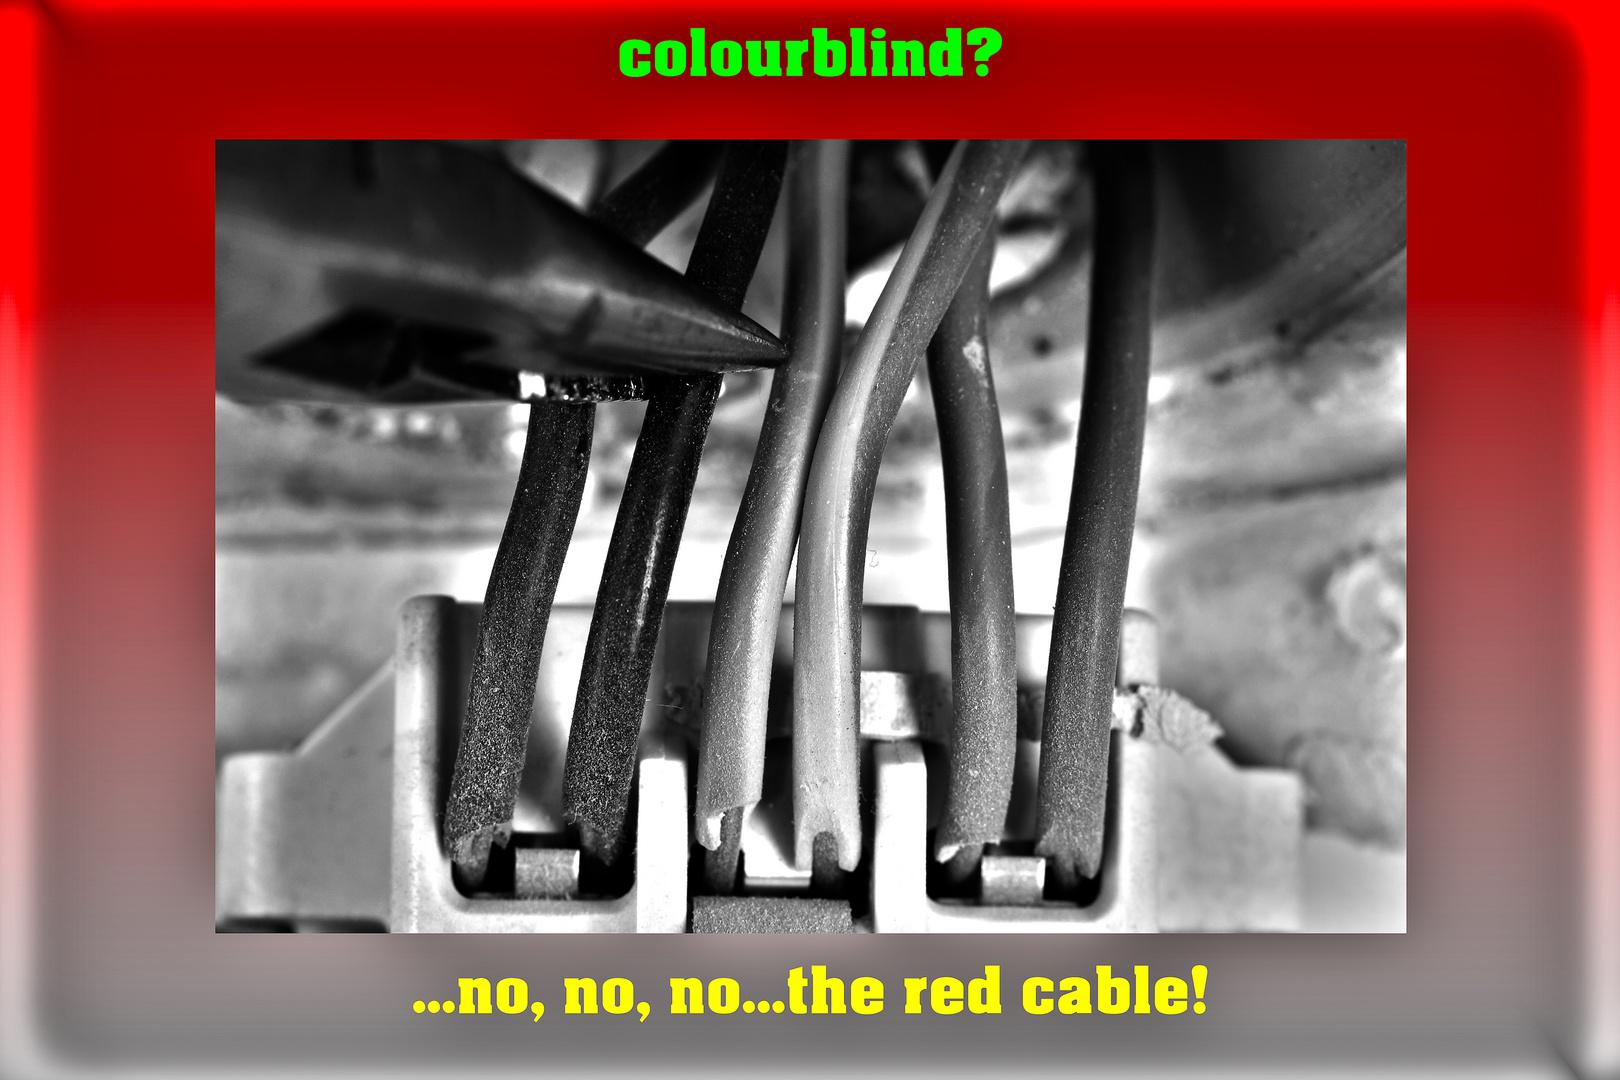 Colourblind hier nix gut